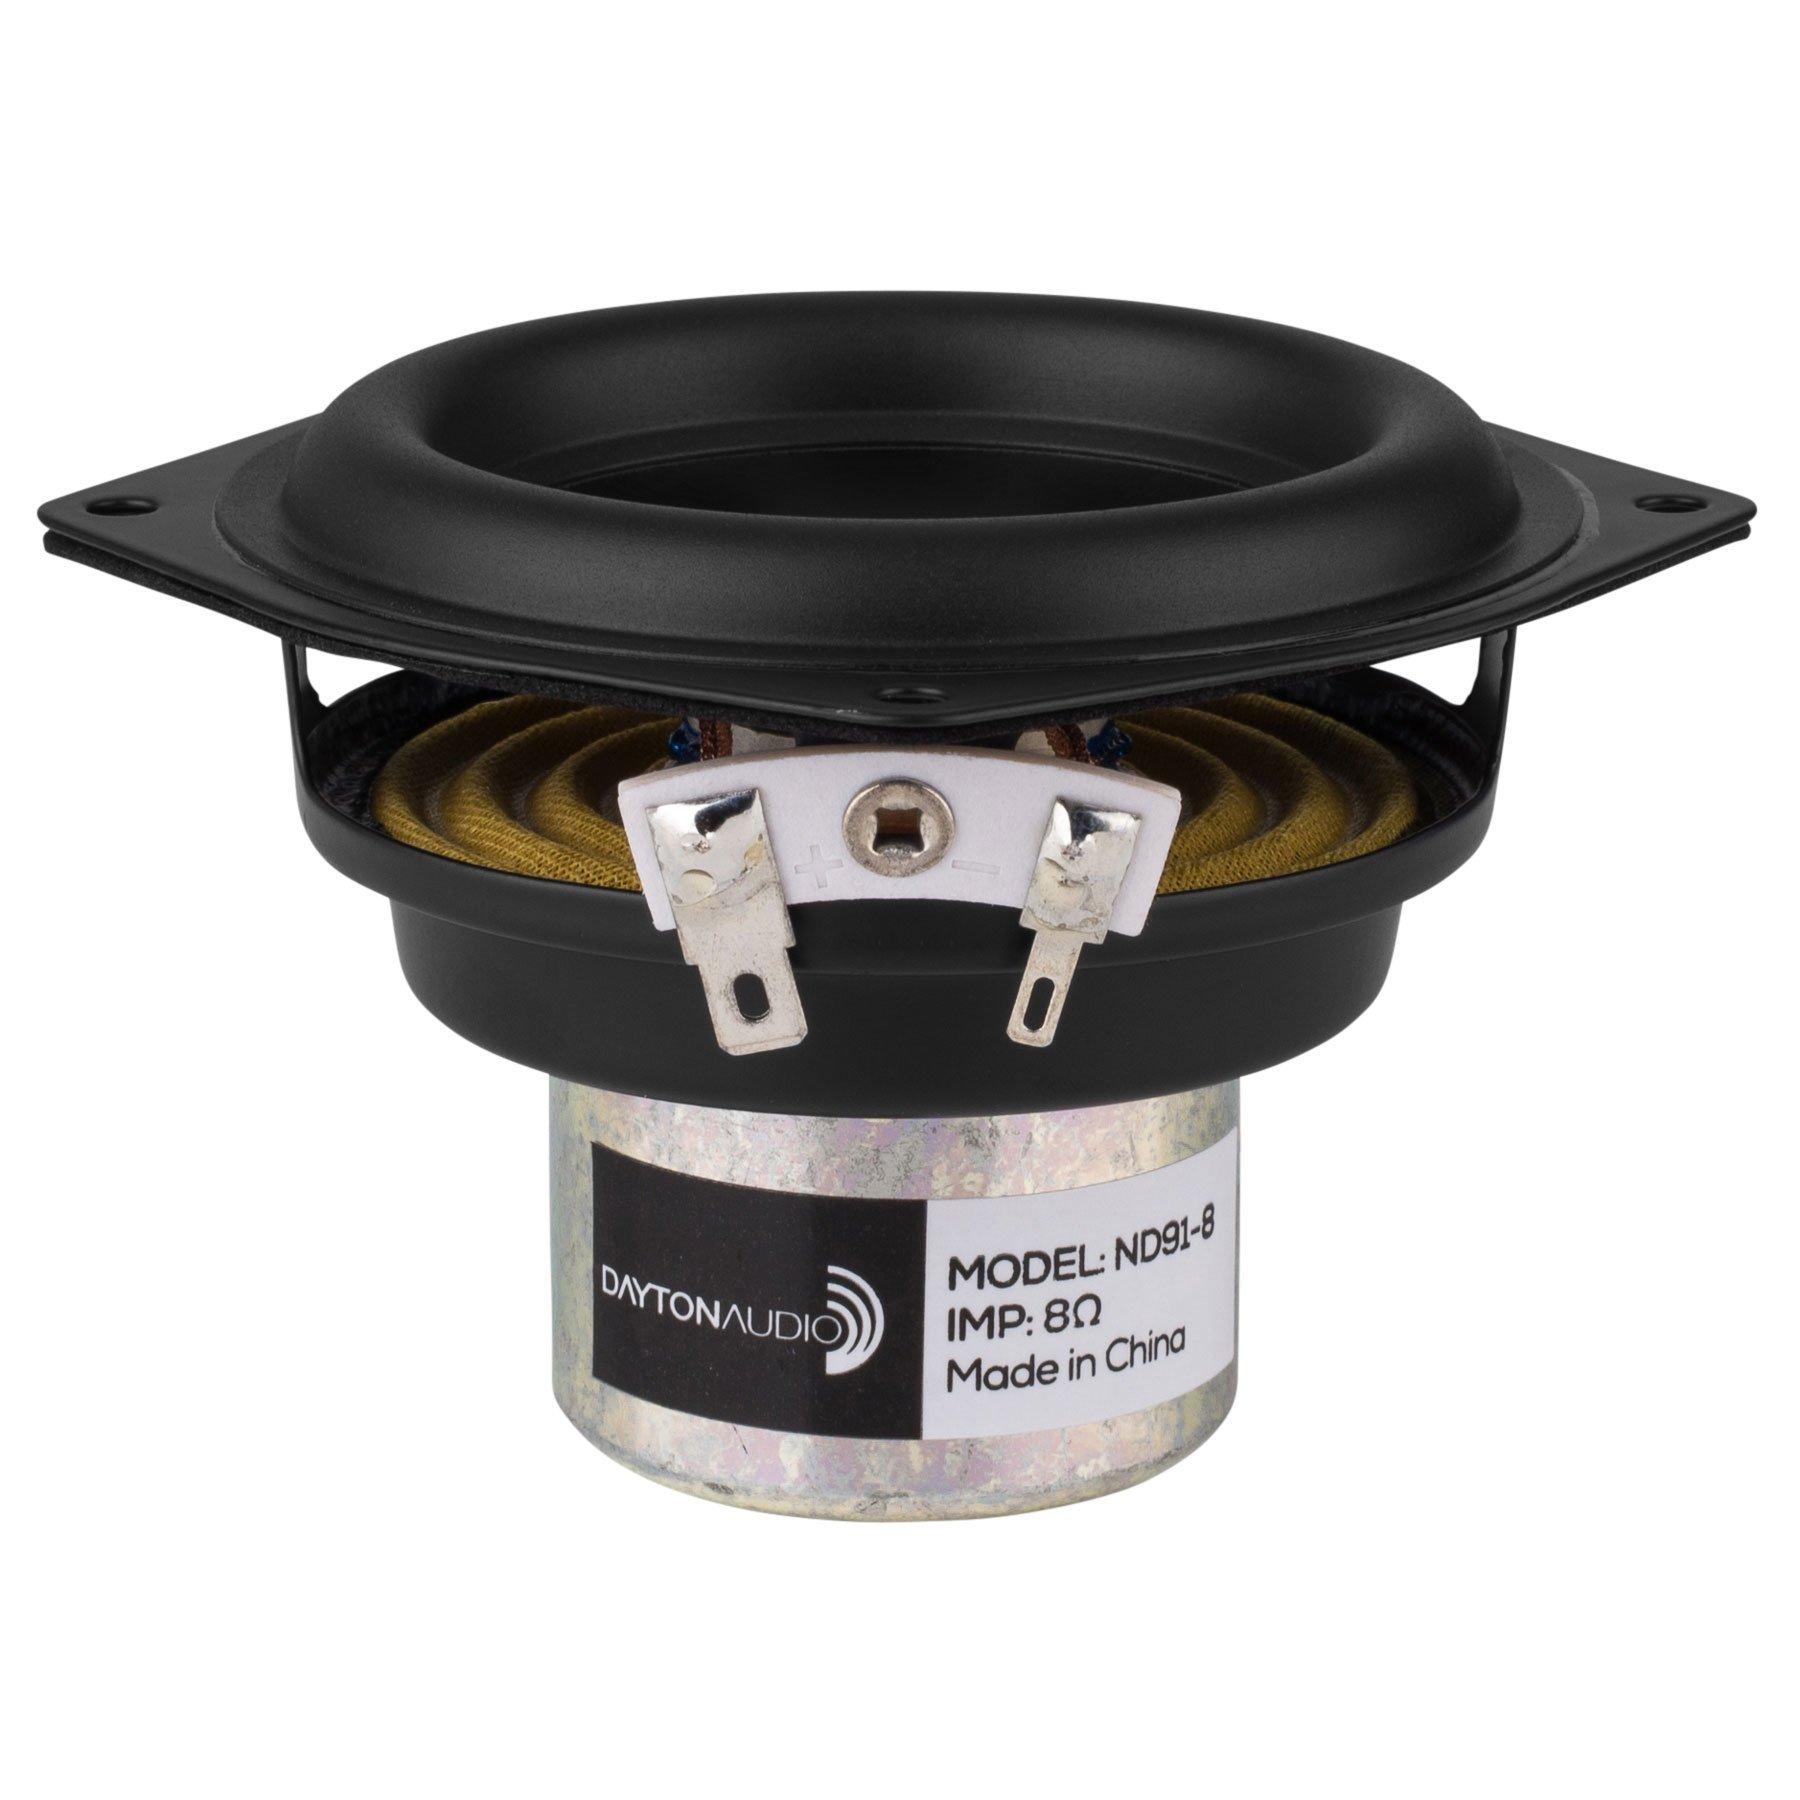 Dayton Audio ND91-8 3-1/2'' Aluminum Cone Full-Range Driver 8 Ohm